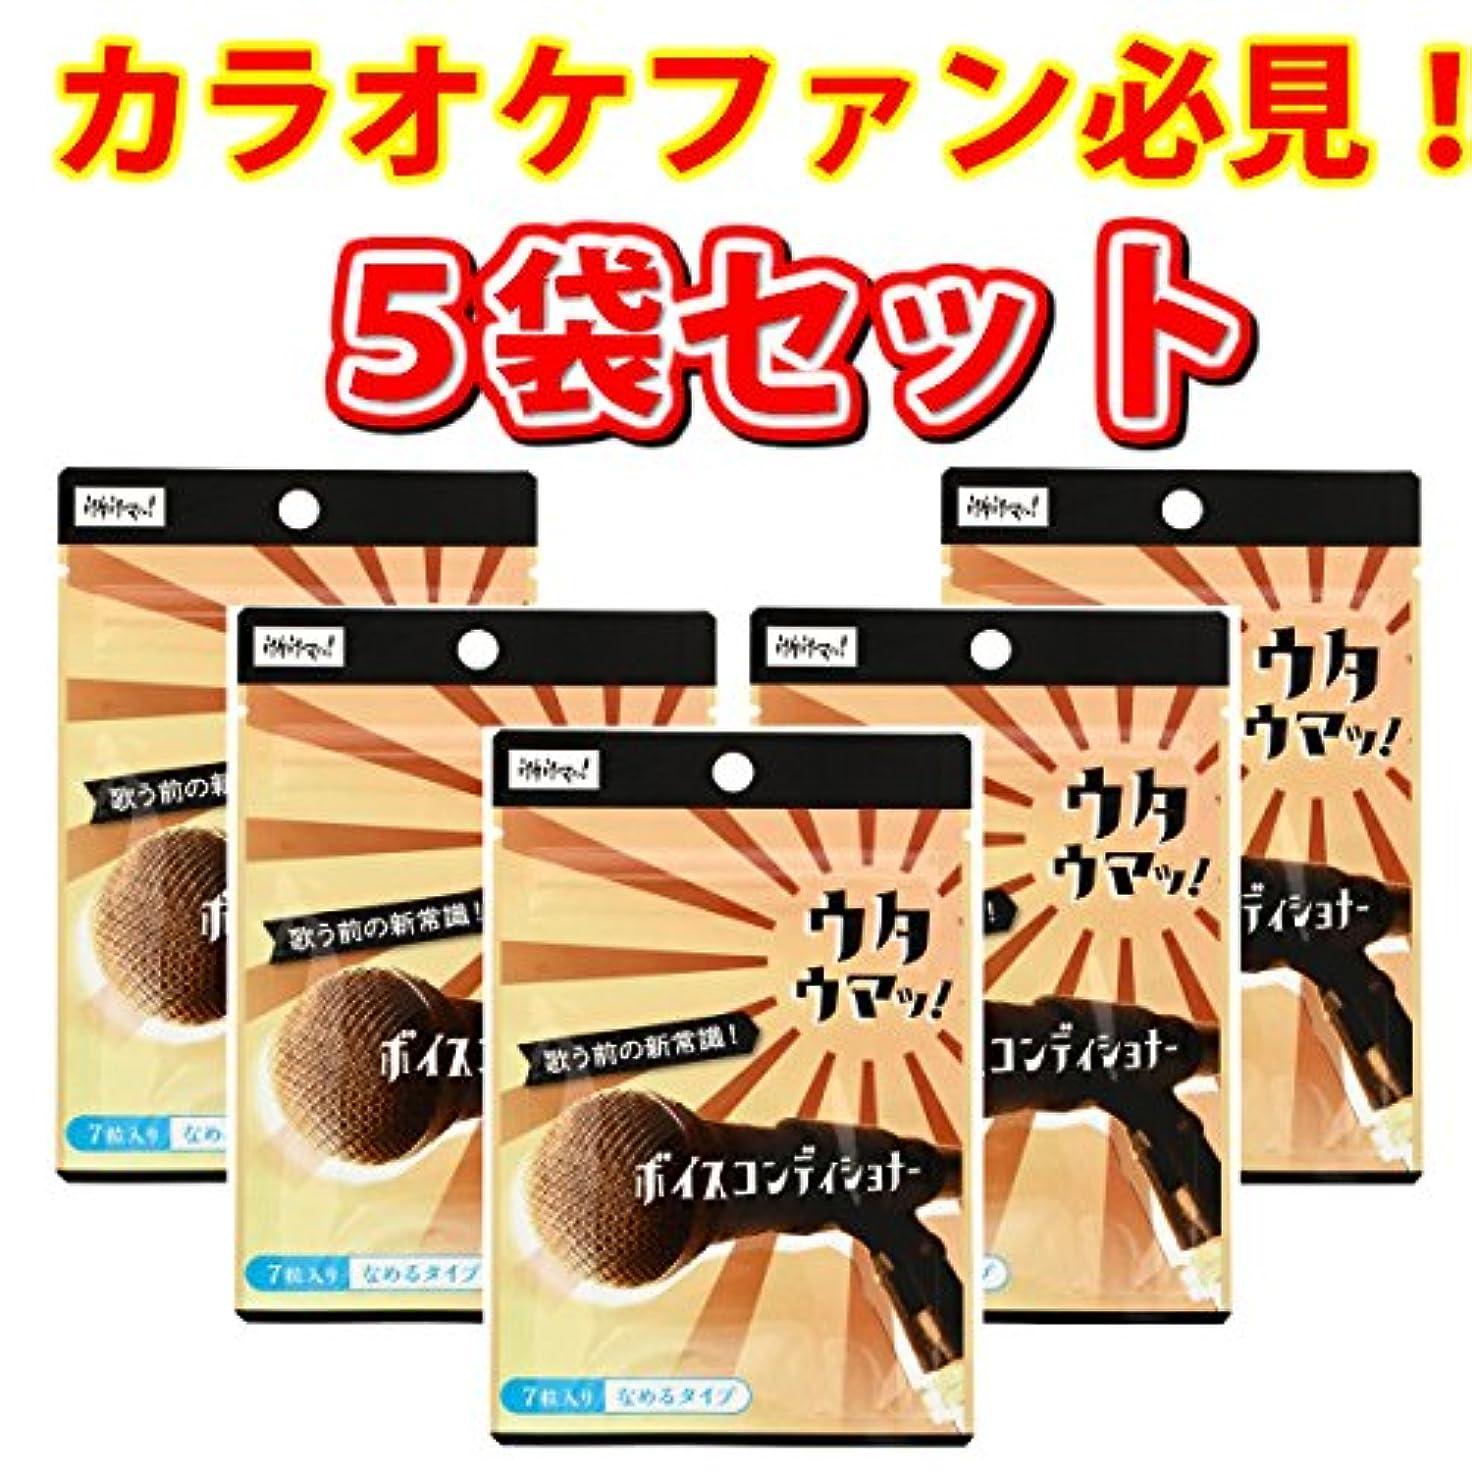 集団的ブランチ不健康カラオケサプリの決定版 《ボイスコンディショナー》 ウタウマッ!お得な5袋セット